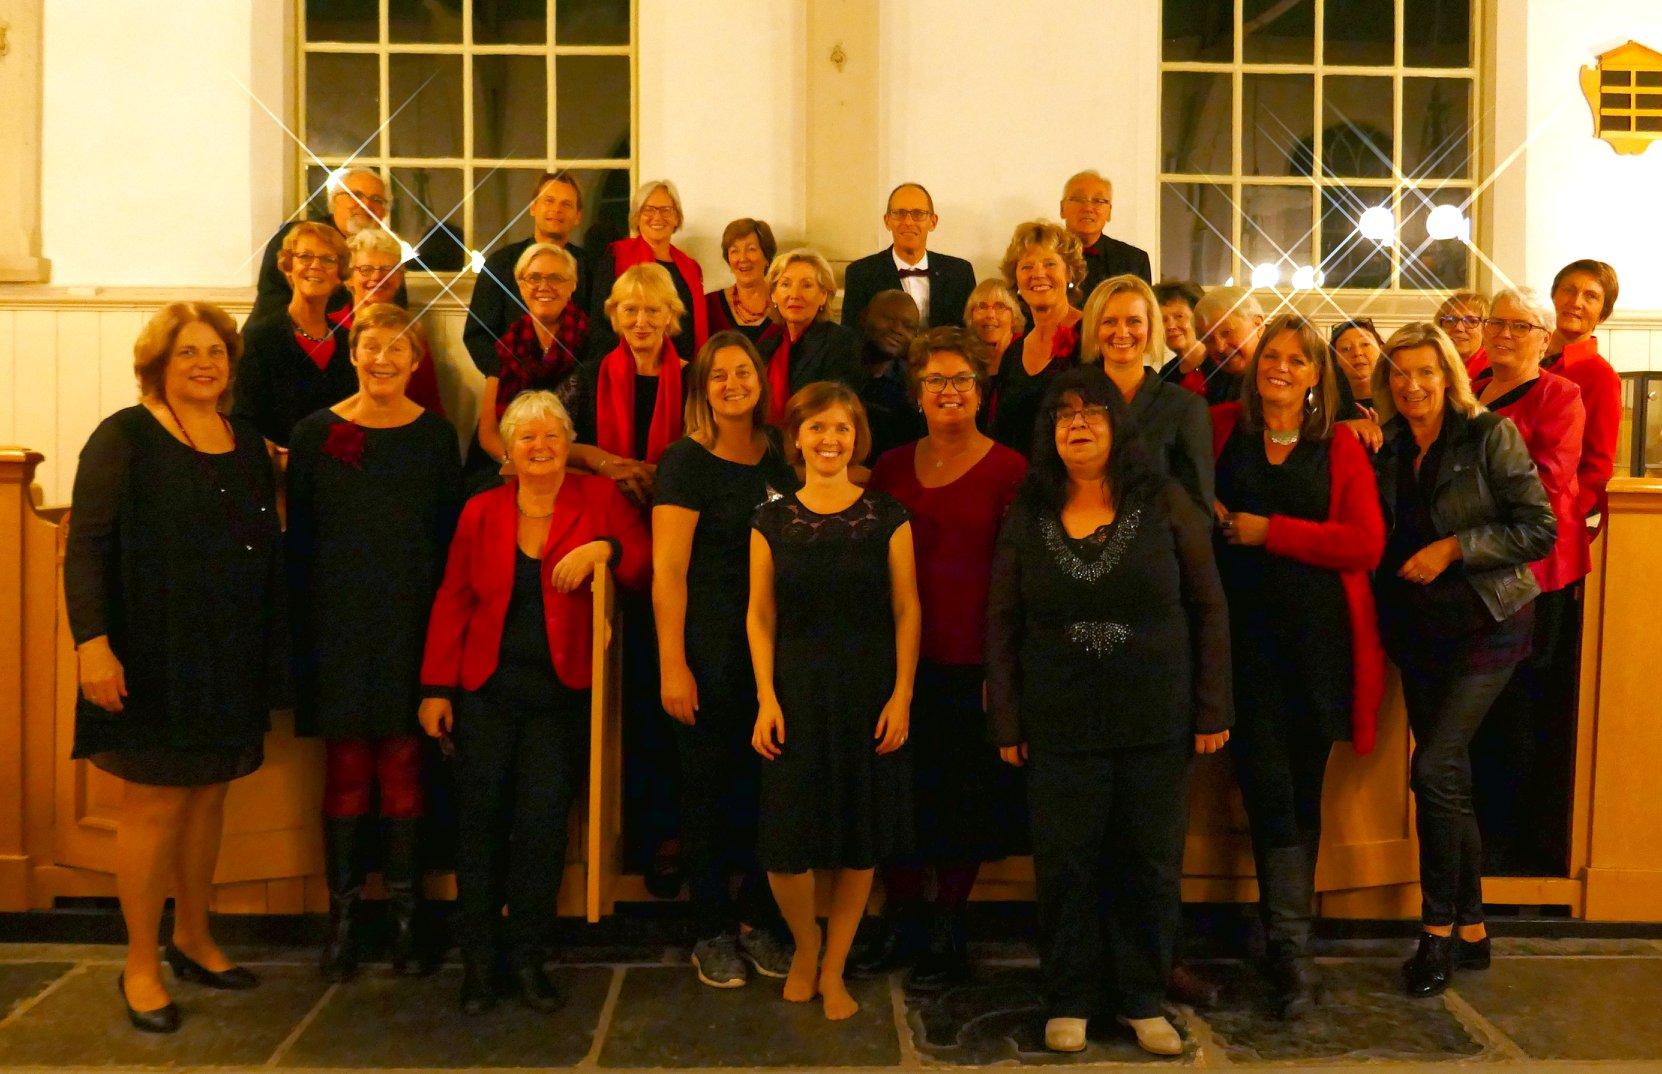 Ooker - een koor met spirit - verzorgt een kerstconcert in de dorpskerk in Blokker. (Foto: aangeleverd)